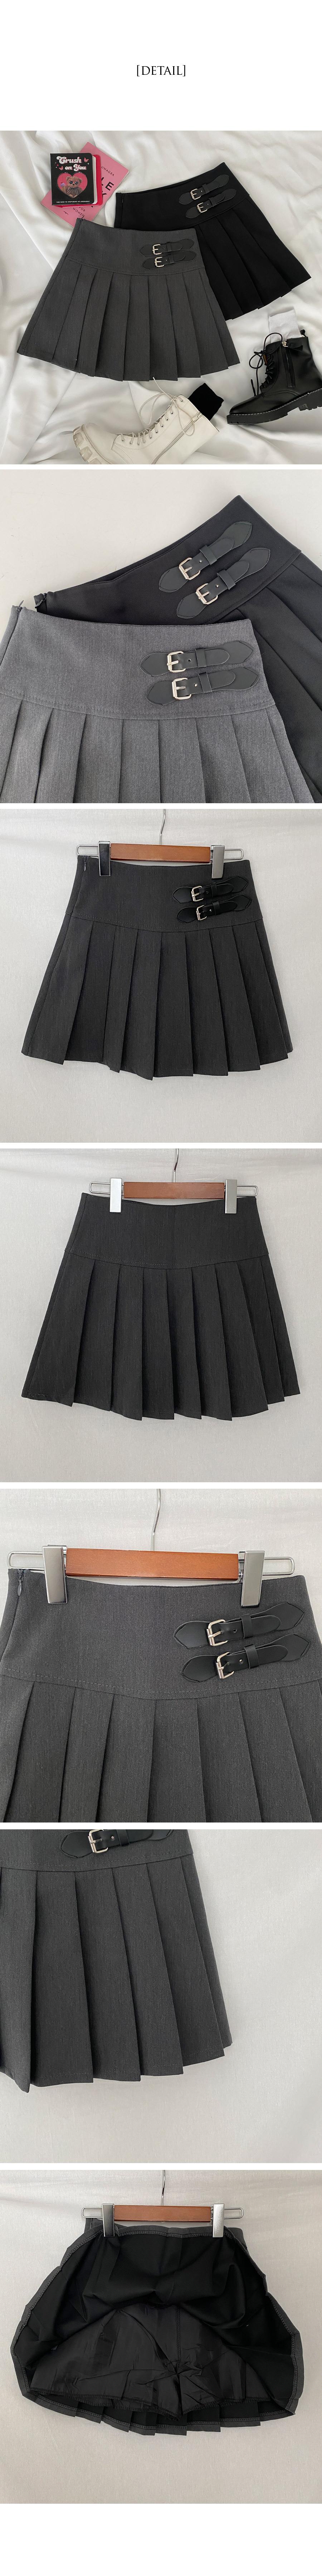 buckle pleated mini skirt